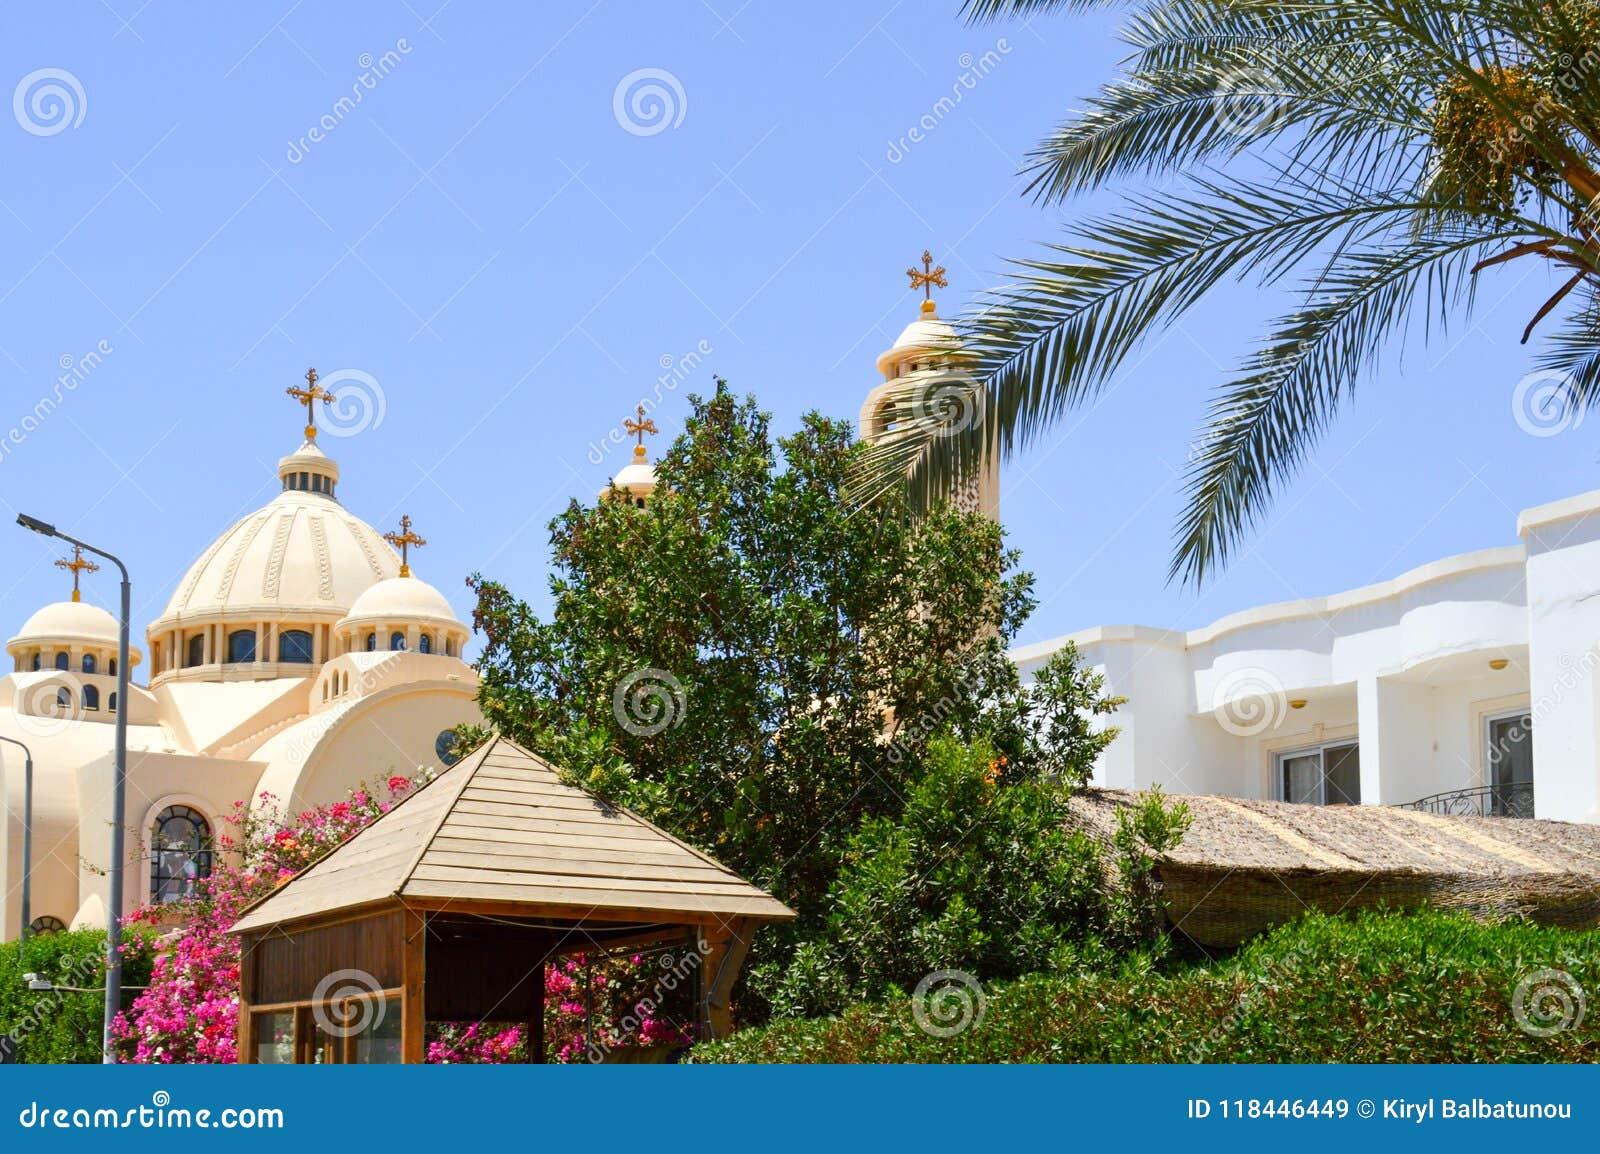 Große ägyptische orthodoxe weiße Kirche mit Kreuzen, Bögen, Hauben und Gebetsfenstern gegen den Hintergrund von grünen Bäumen und